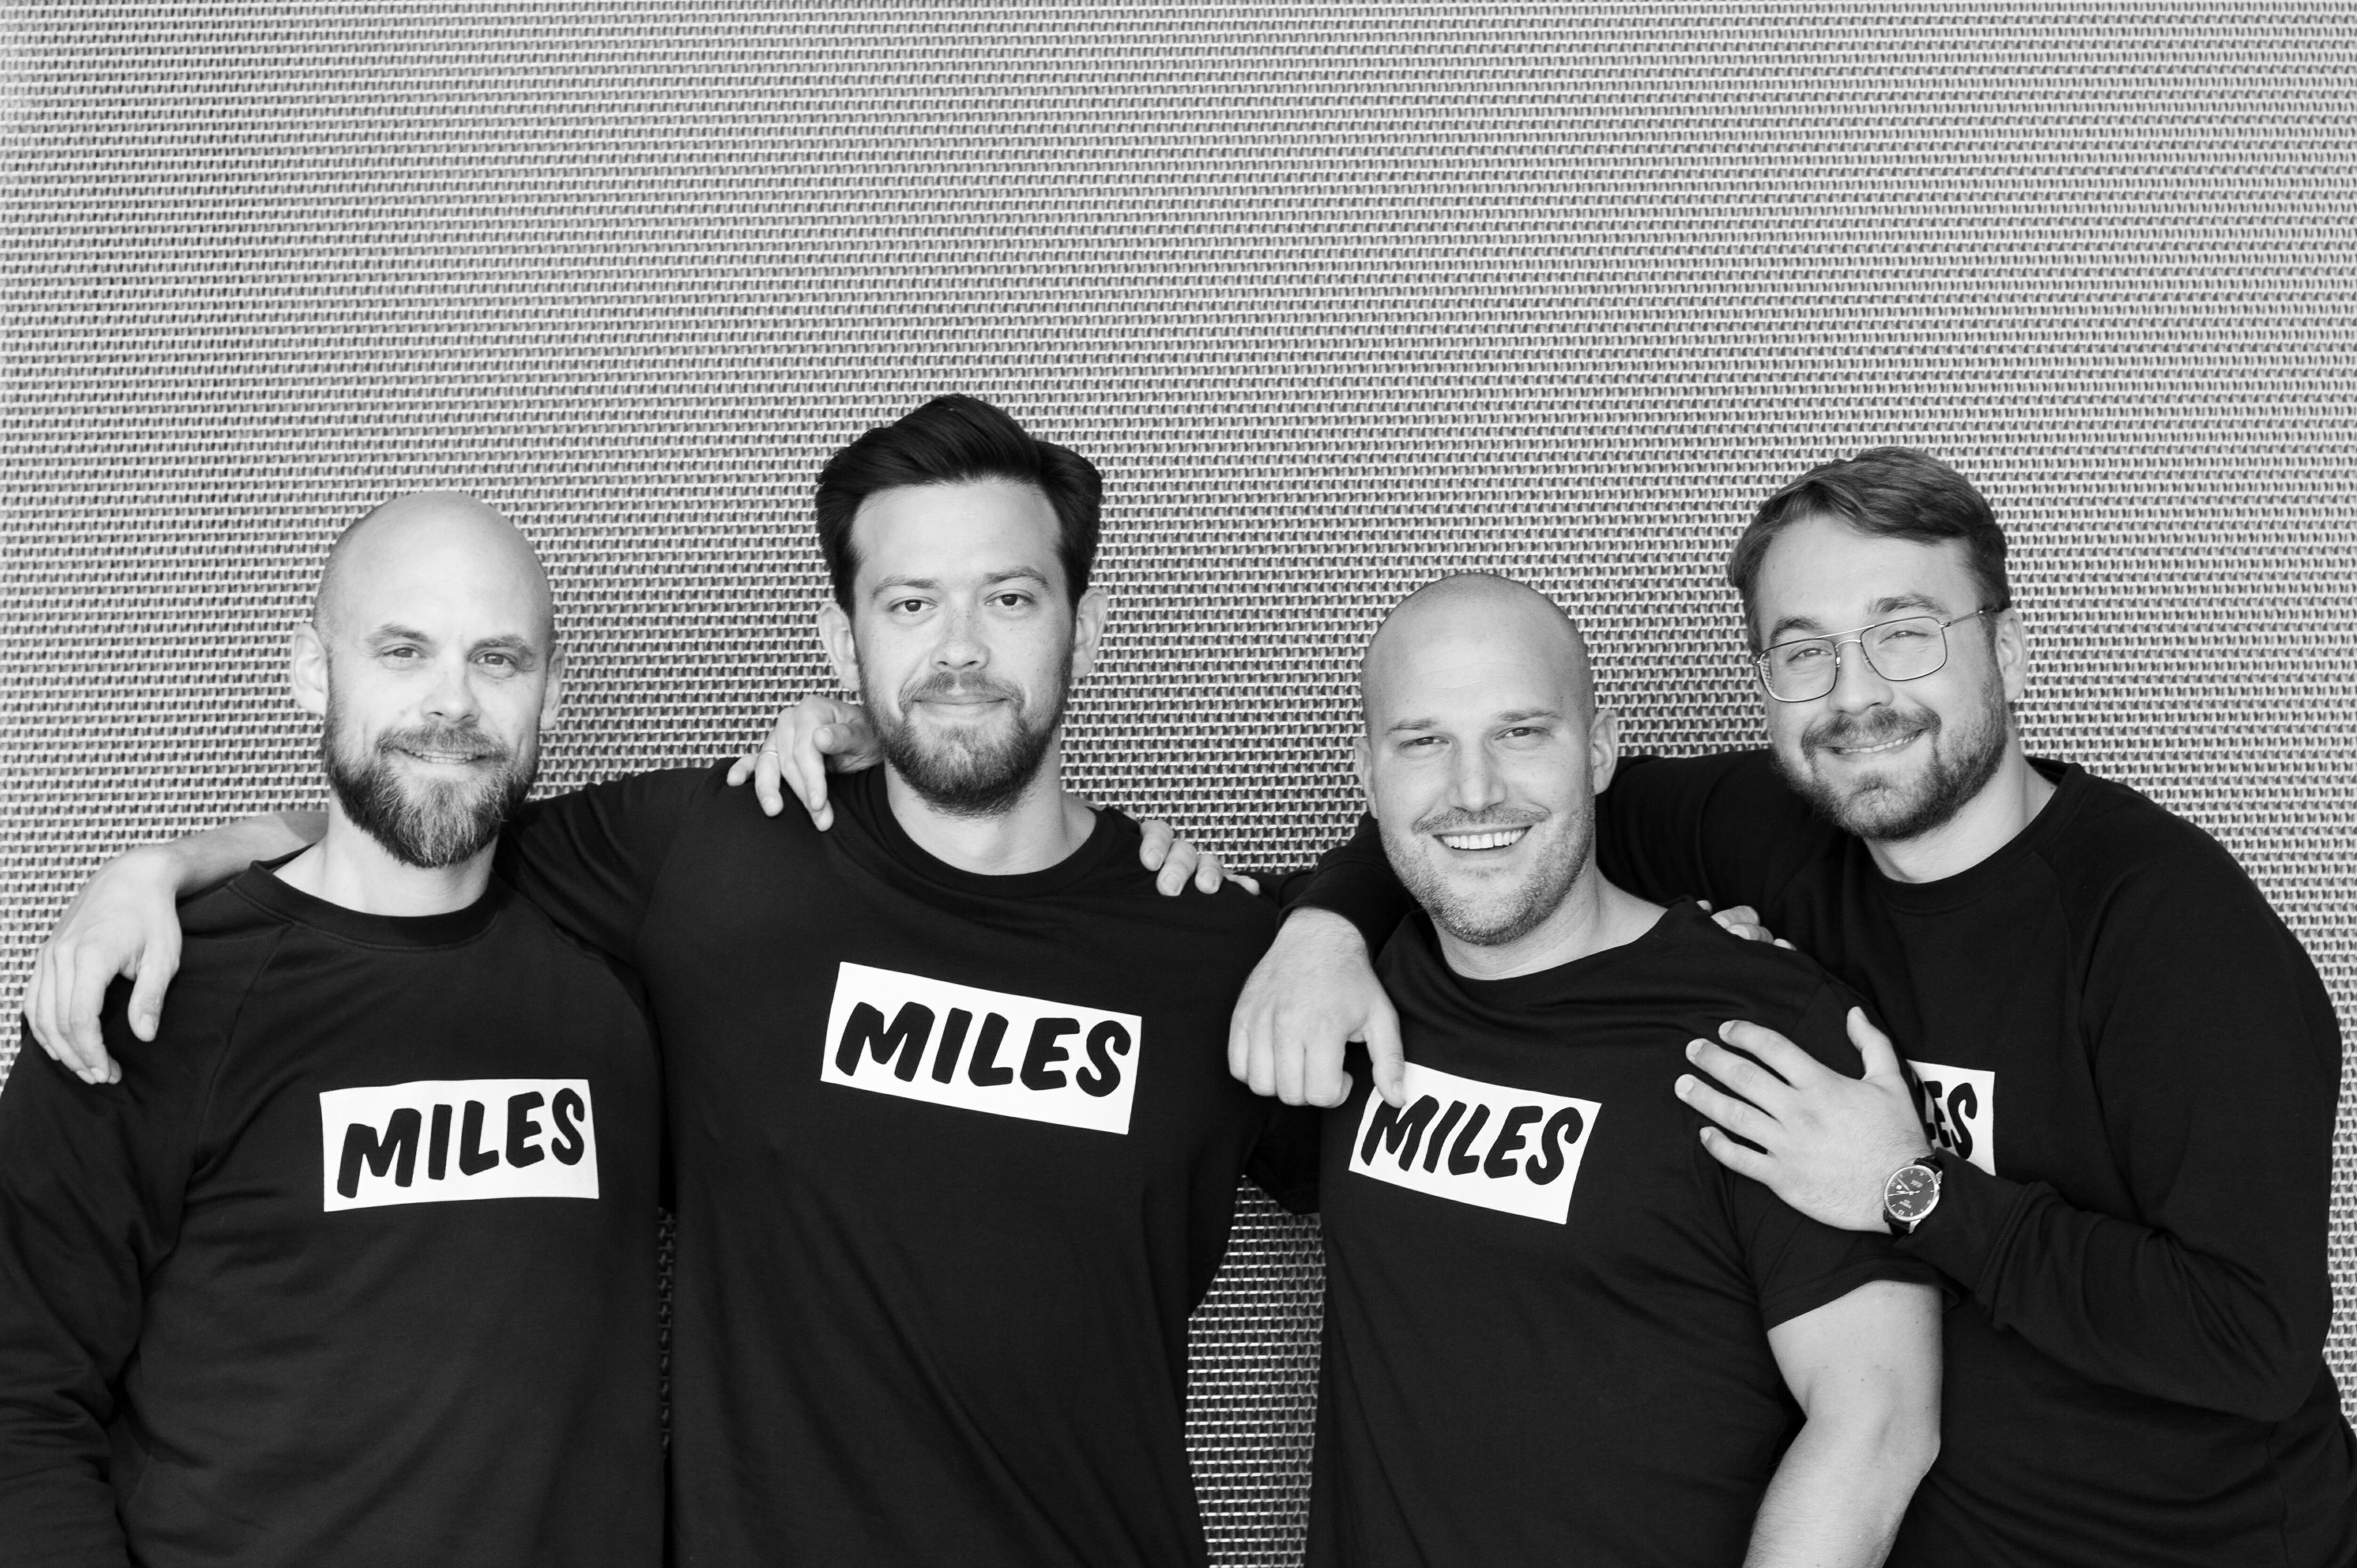 MILES Team